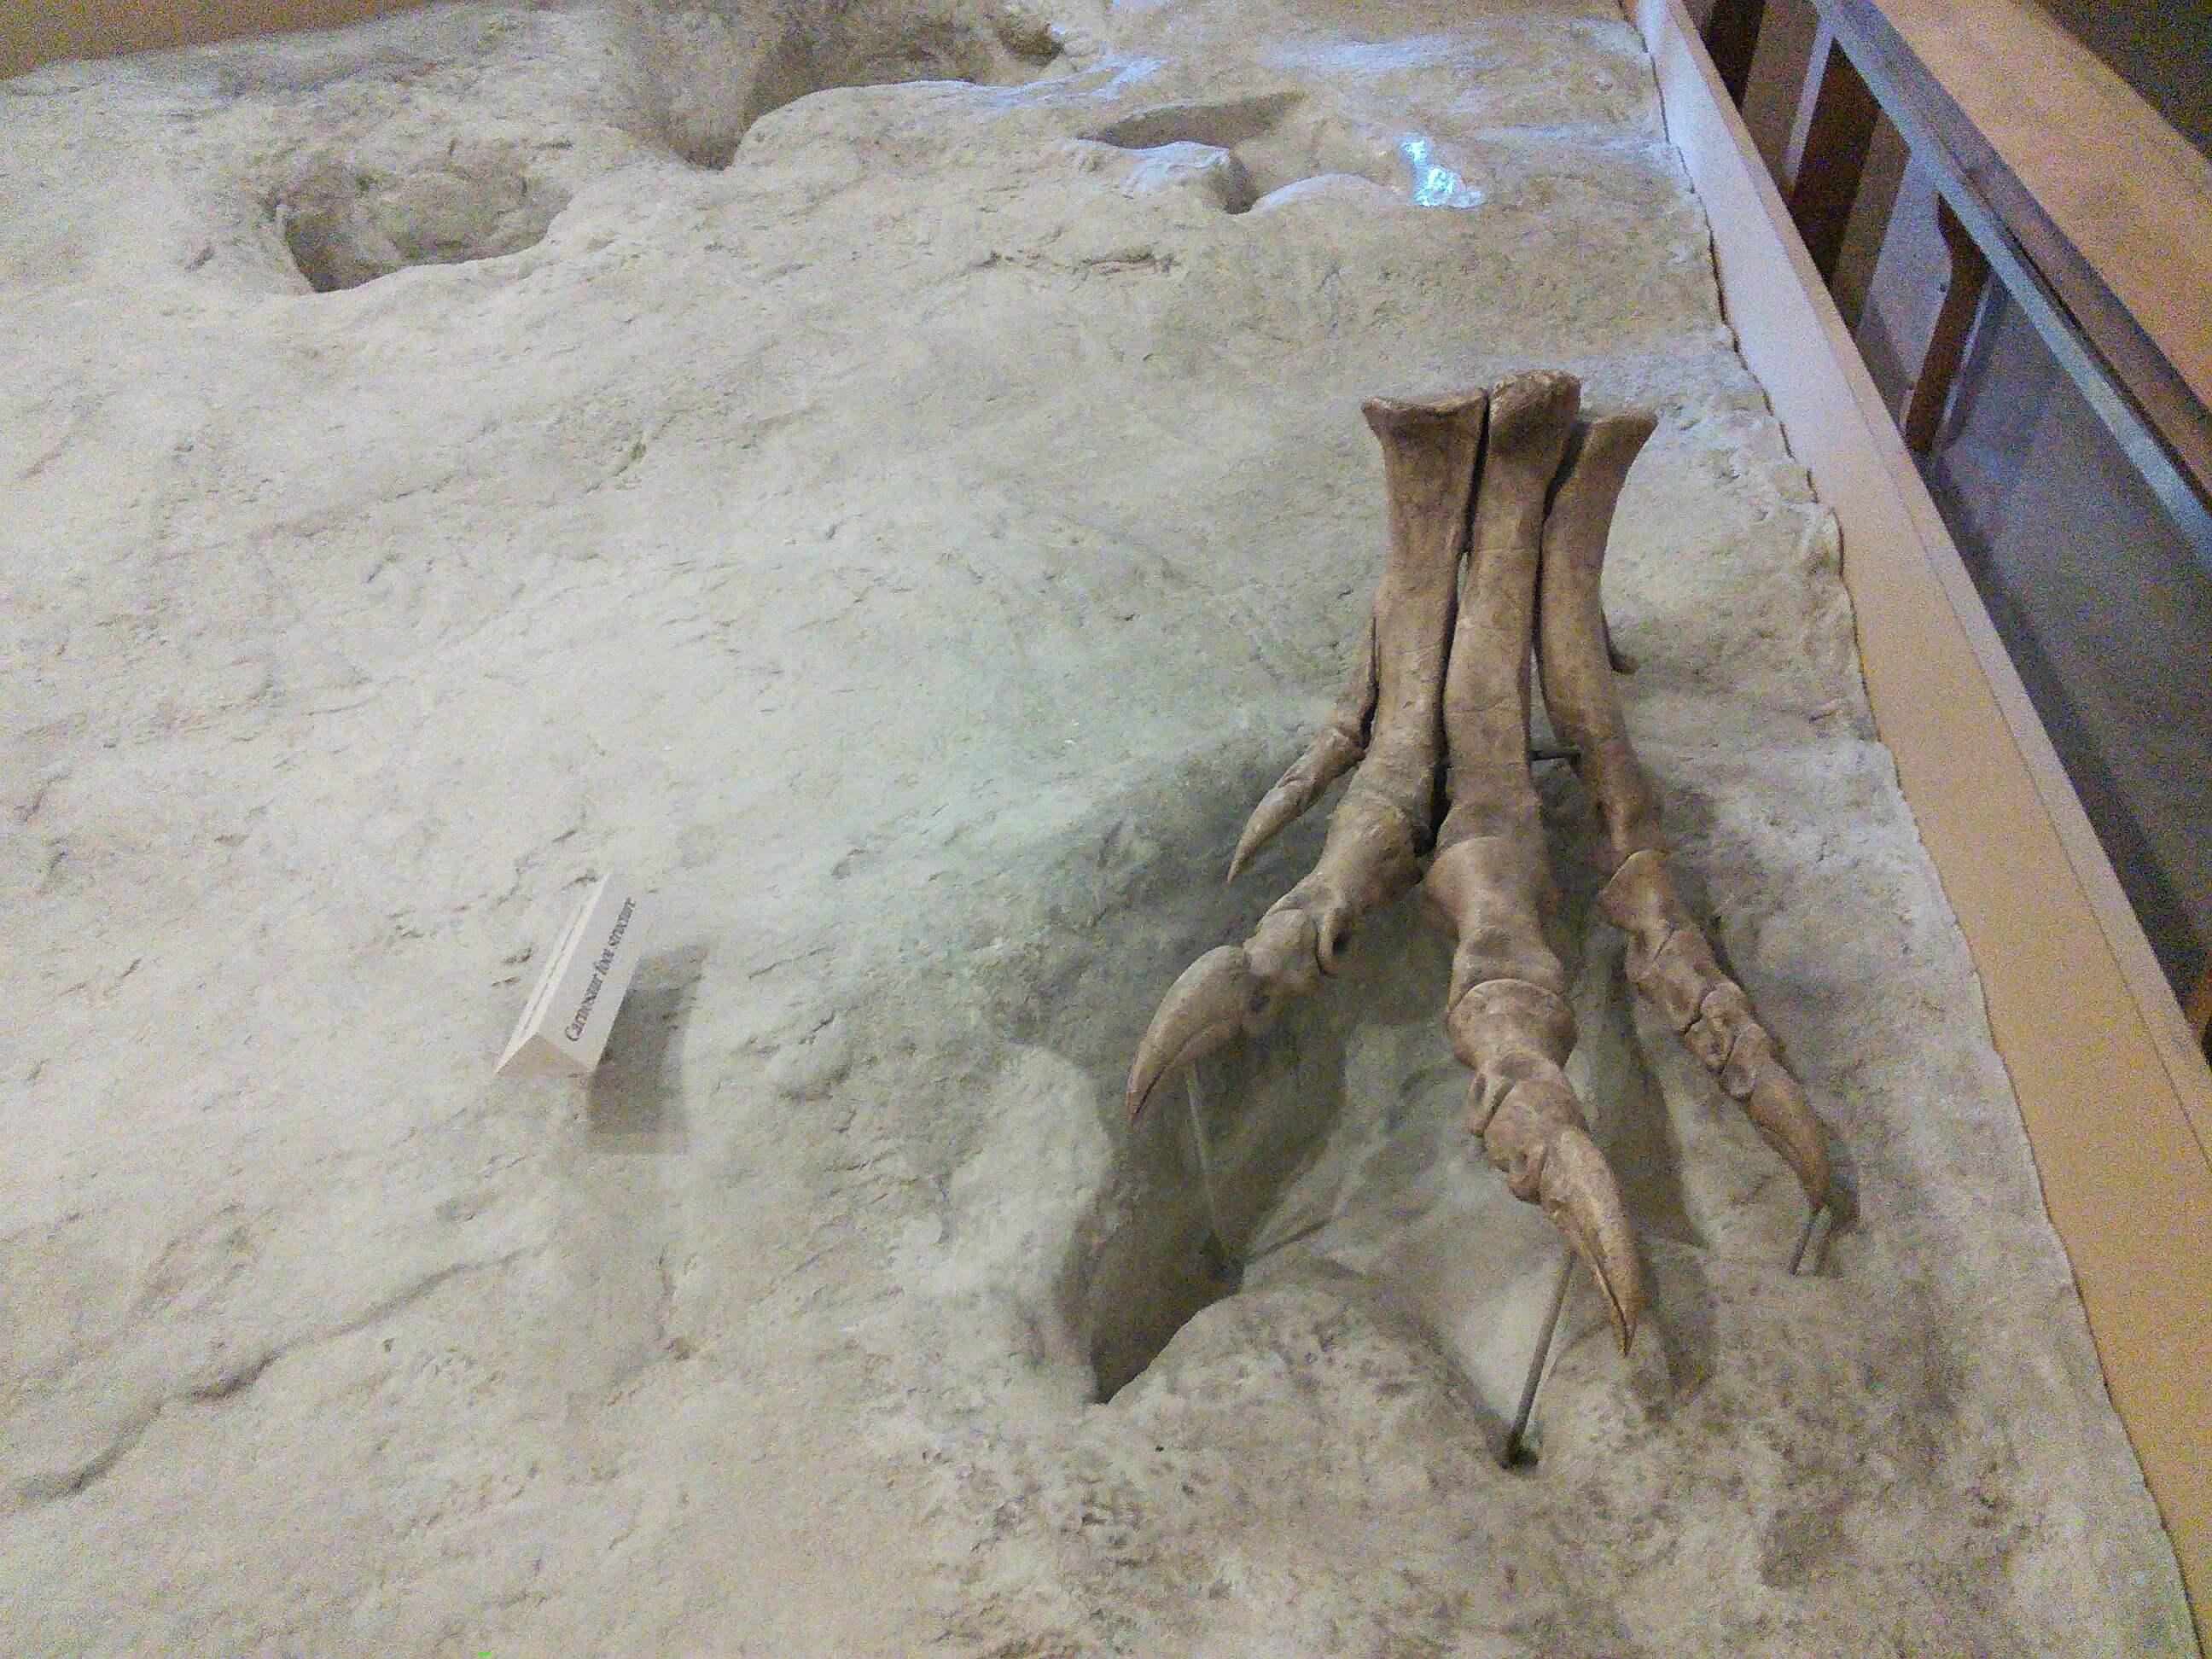 Theropod Dinosaur Foot, Dinosaur Valley State Park, TX